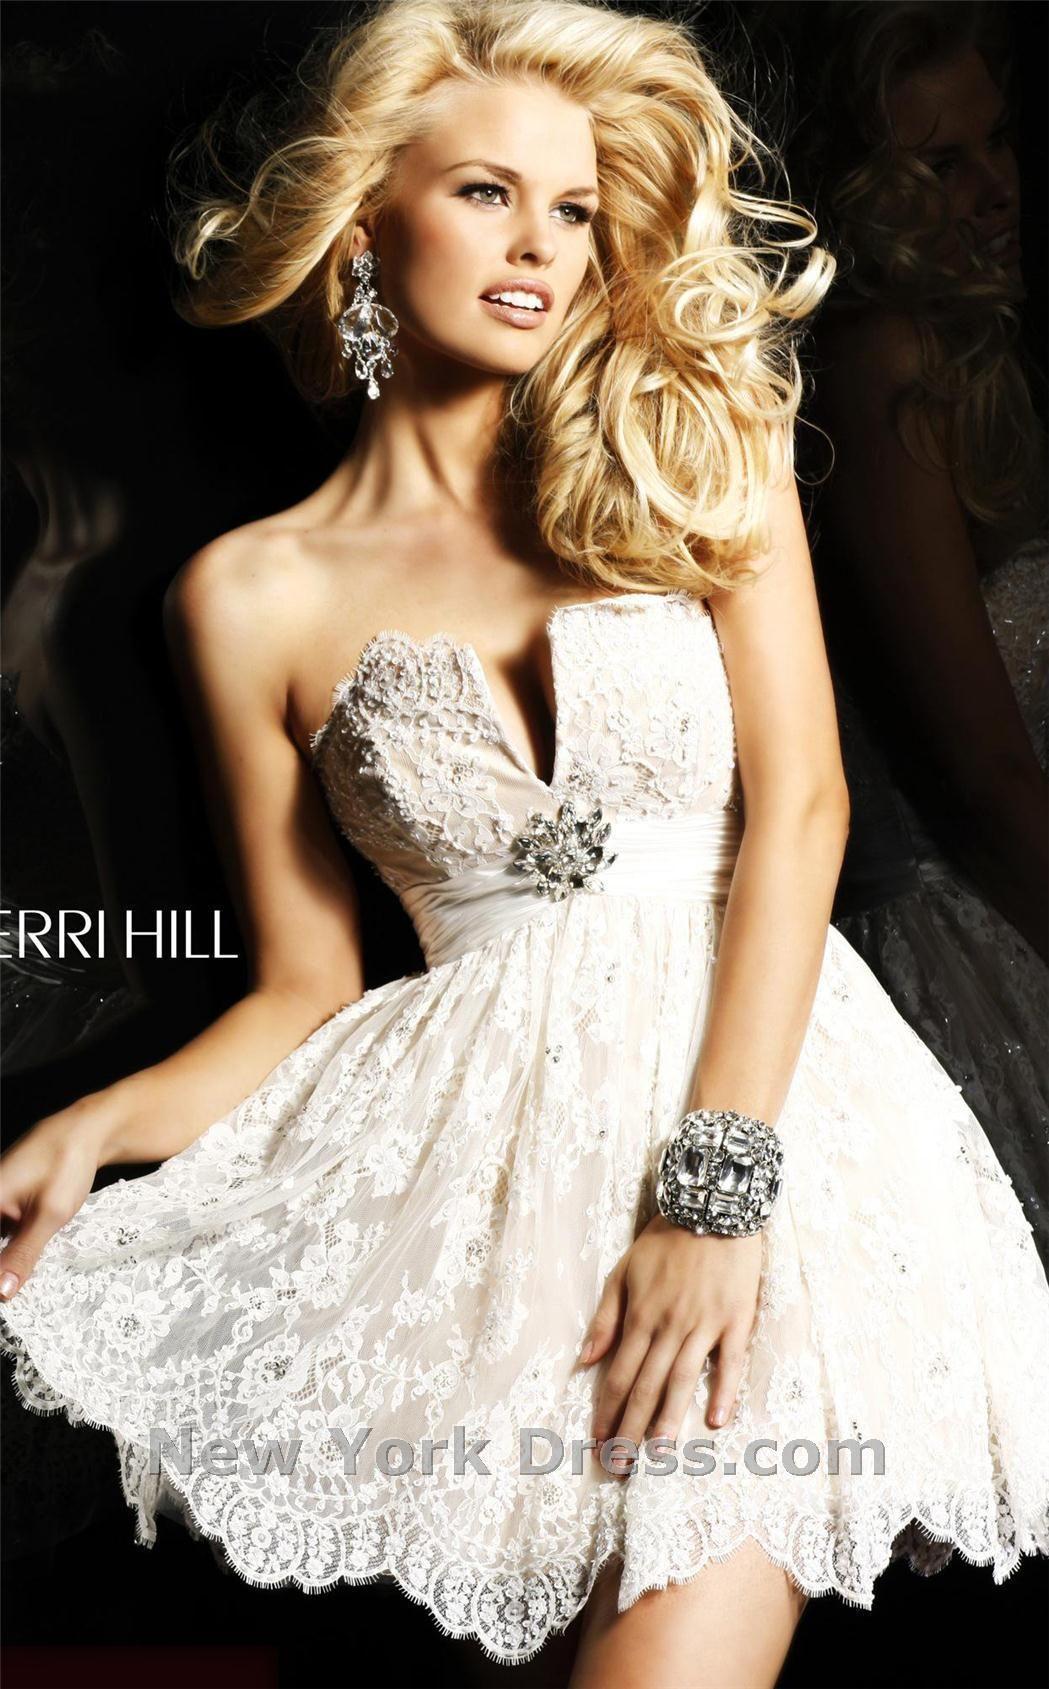 d2187c9b7d Sherri Hill